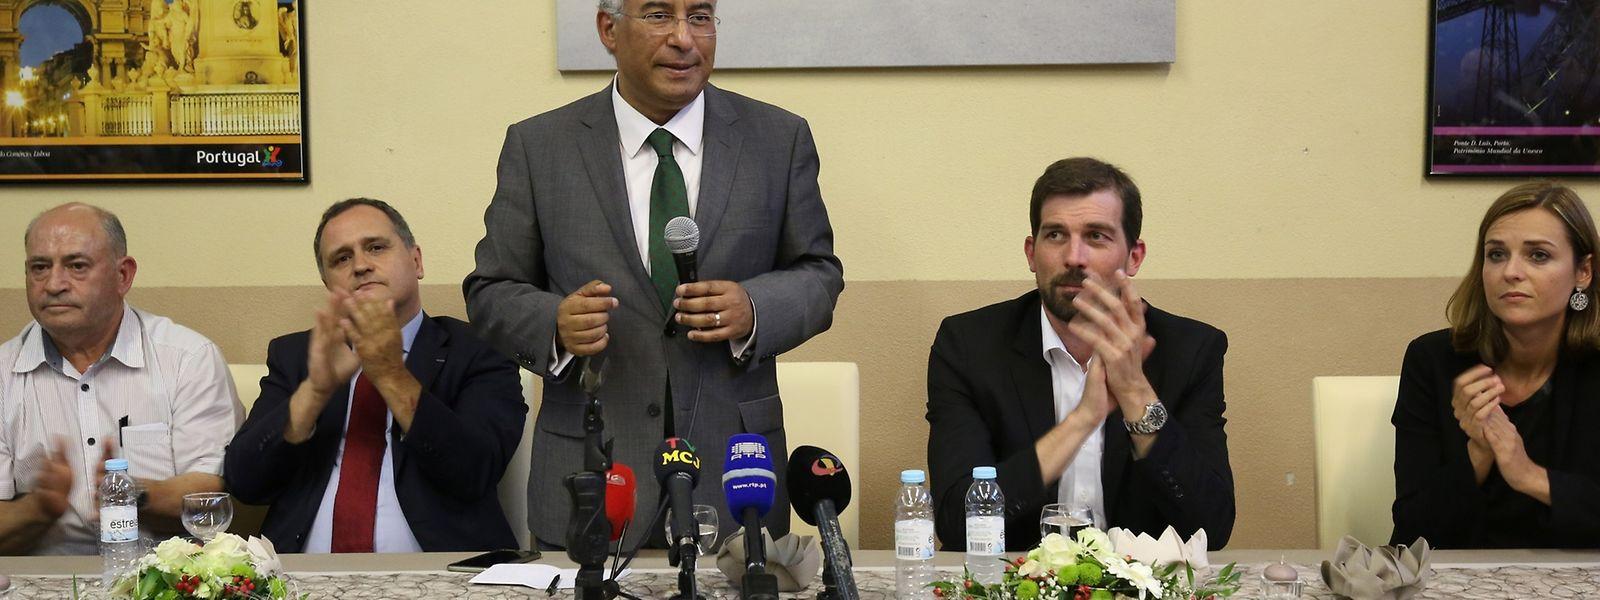 António Costa discursou para cerca de 80 simpatizantes no Luxemburgo, durante um jantar em que participaram também o deputado Paulo Pisco e representantes do partido socialista no Luxemburgo